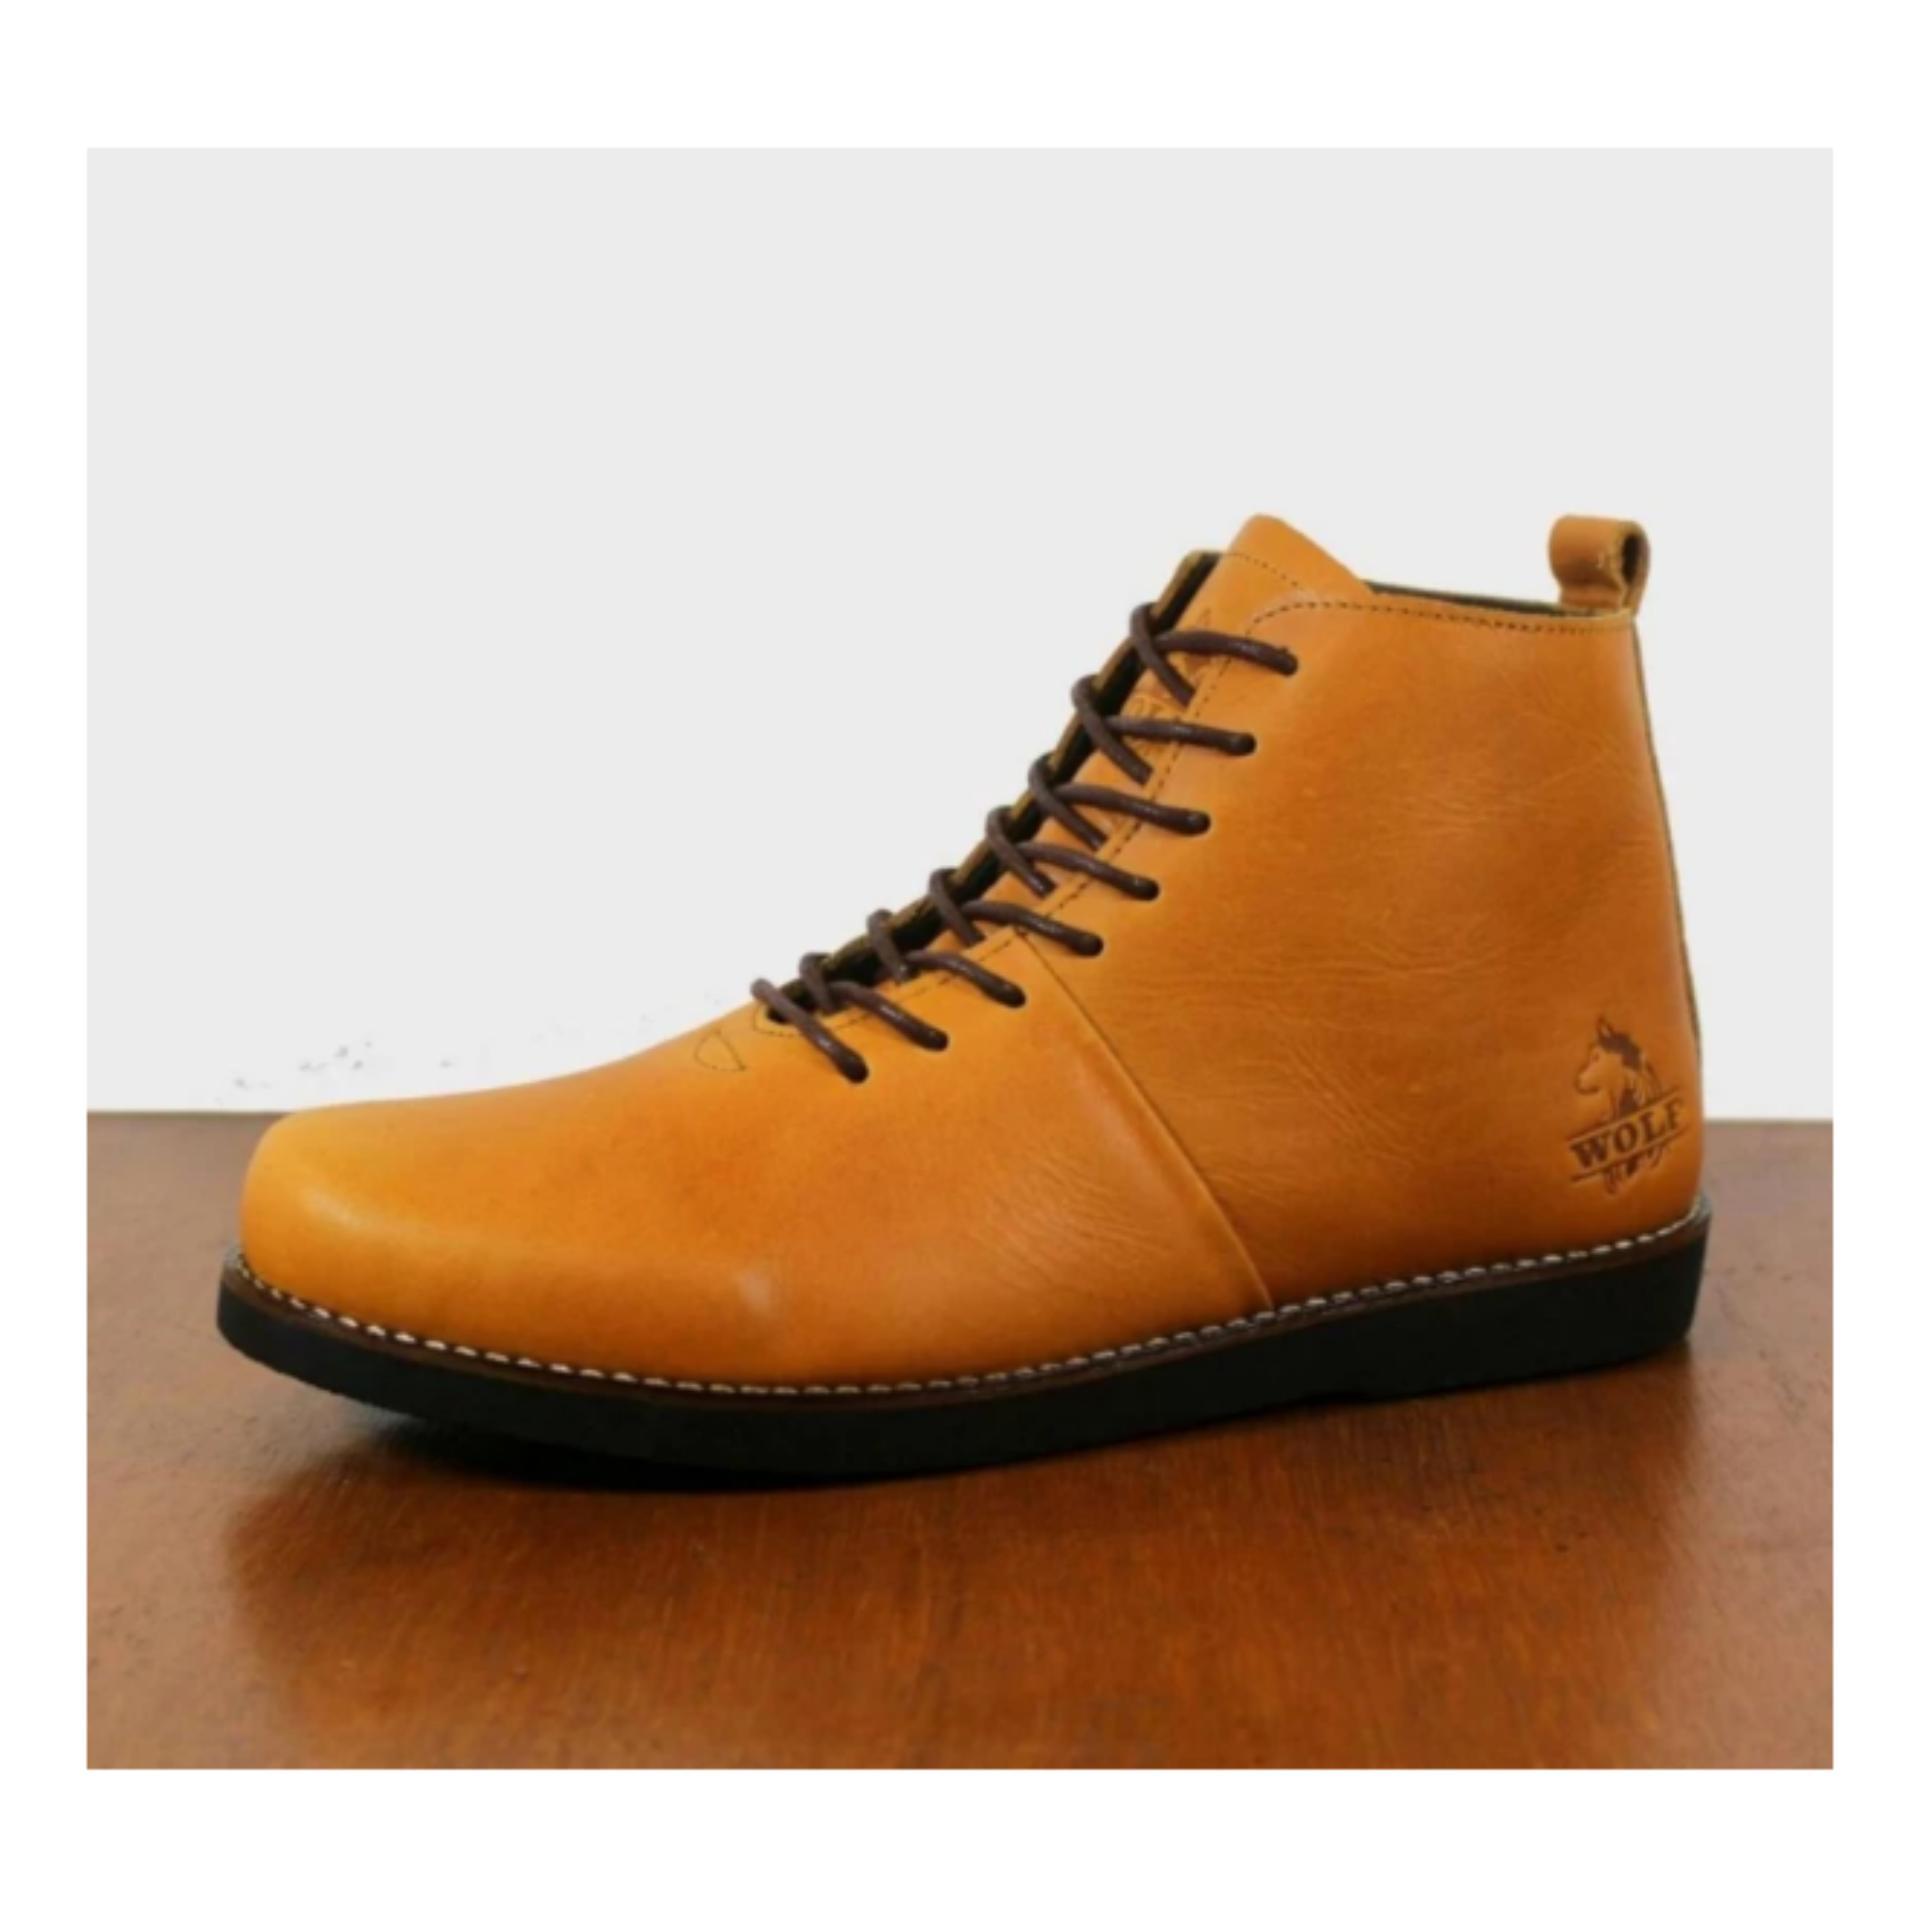 Ulasan Dsh Sepatu Brodo Bradleys Sepatu Boots Kulit Wolf Malamut High